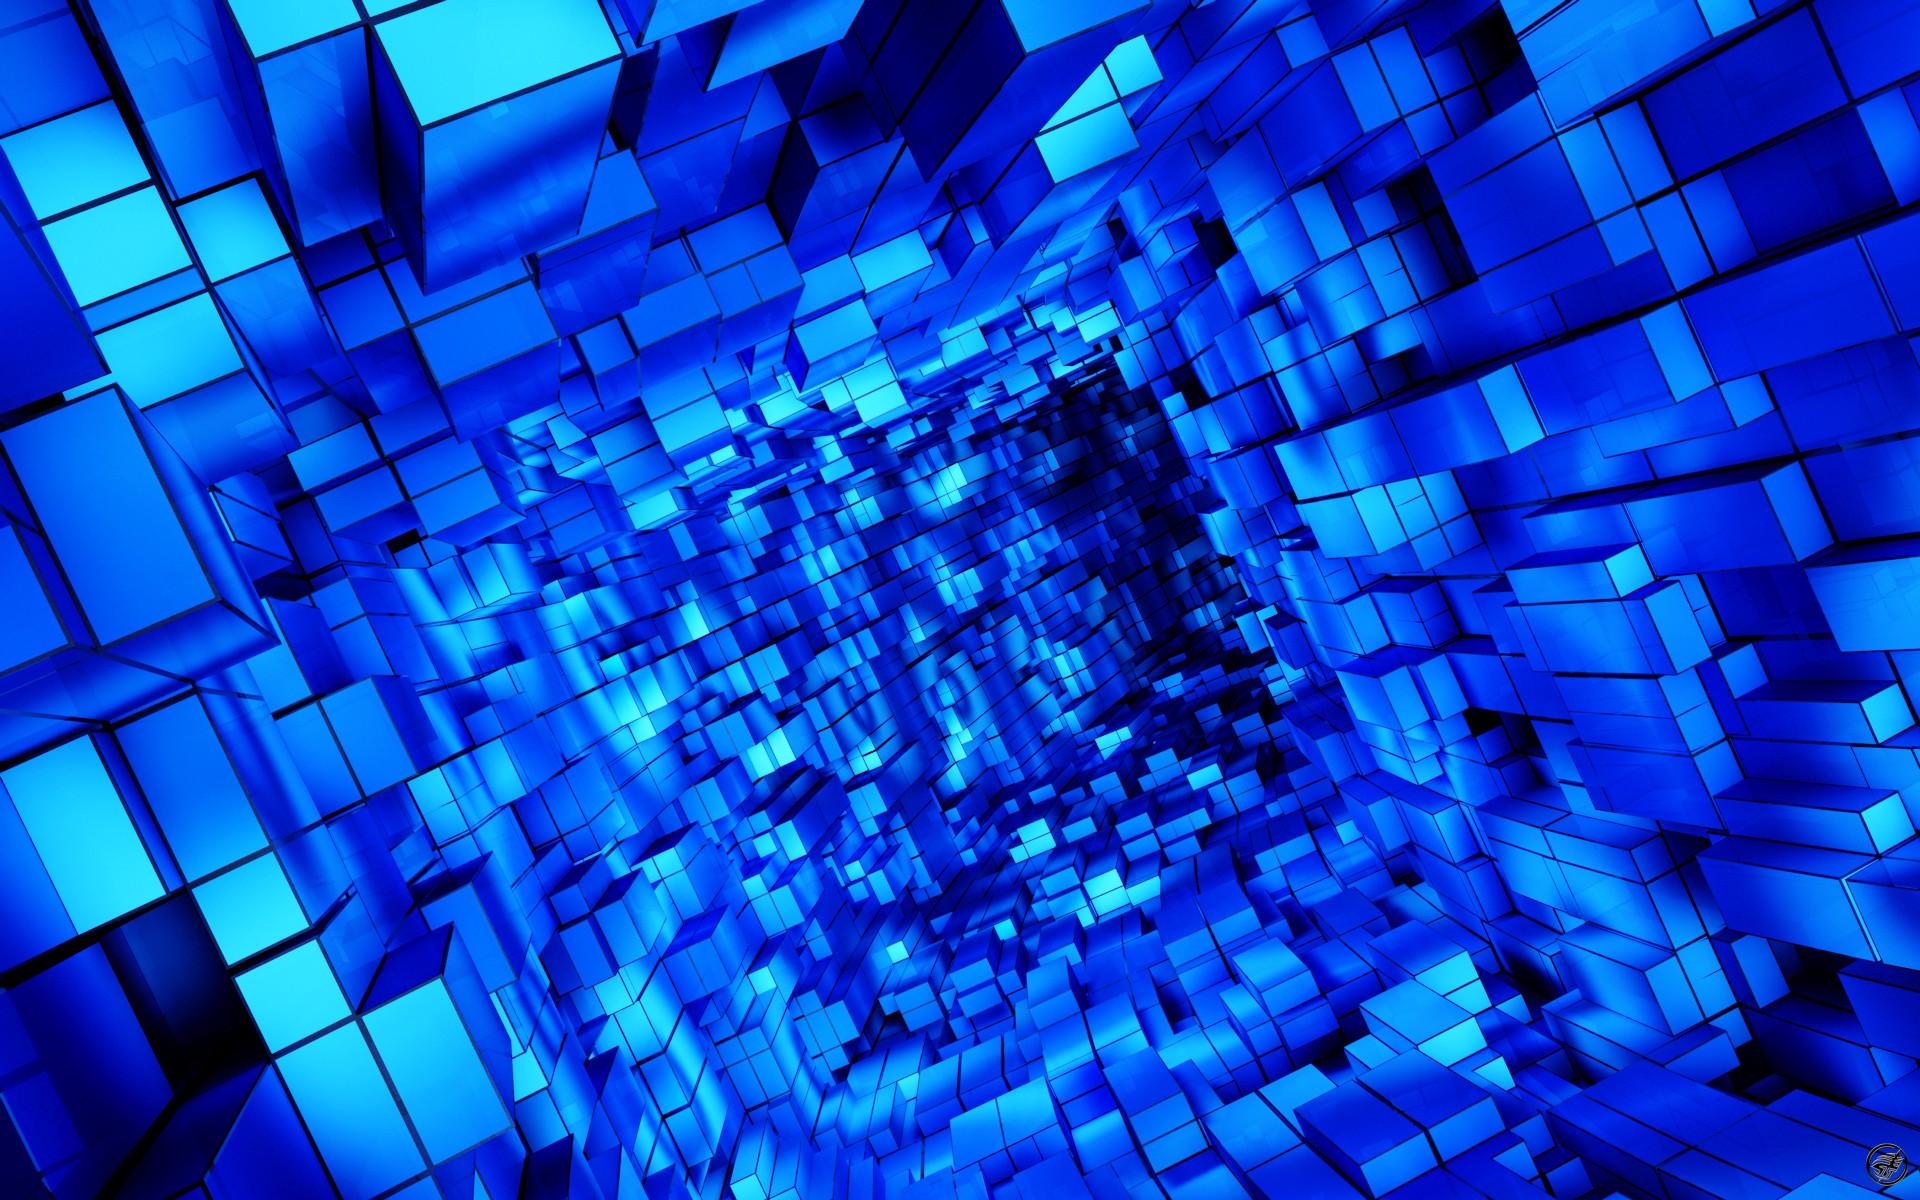 Pics Photos Cool Blue S Free Download Cool Wallpapers Hd Wallpaper 26q8QUCc